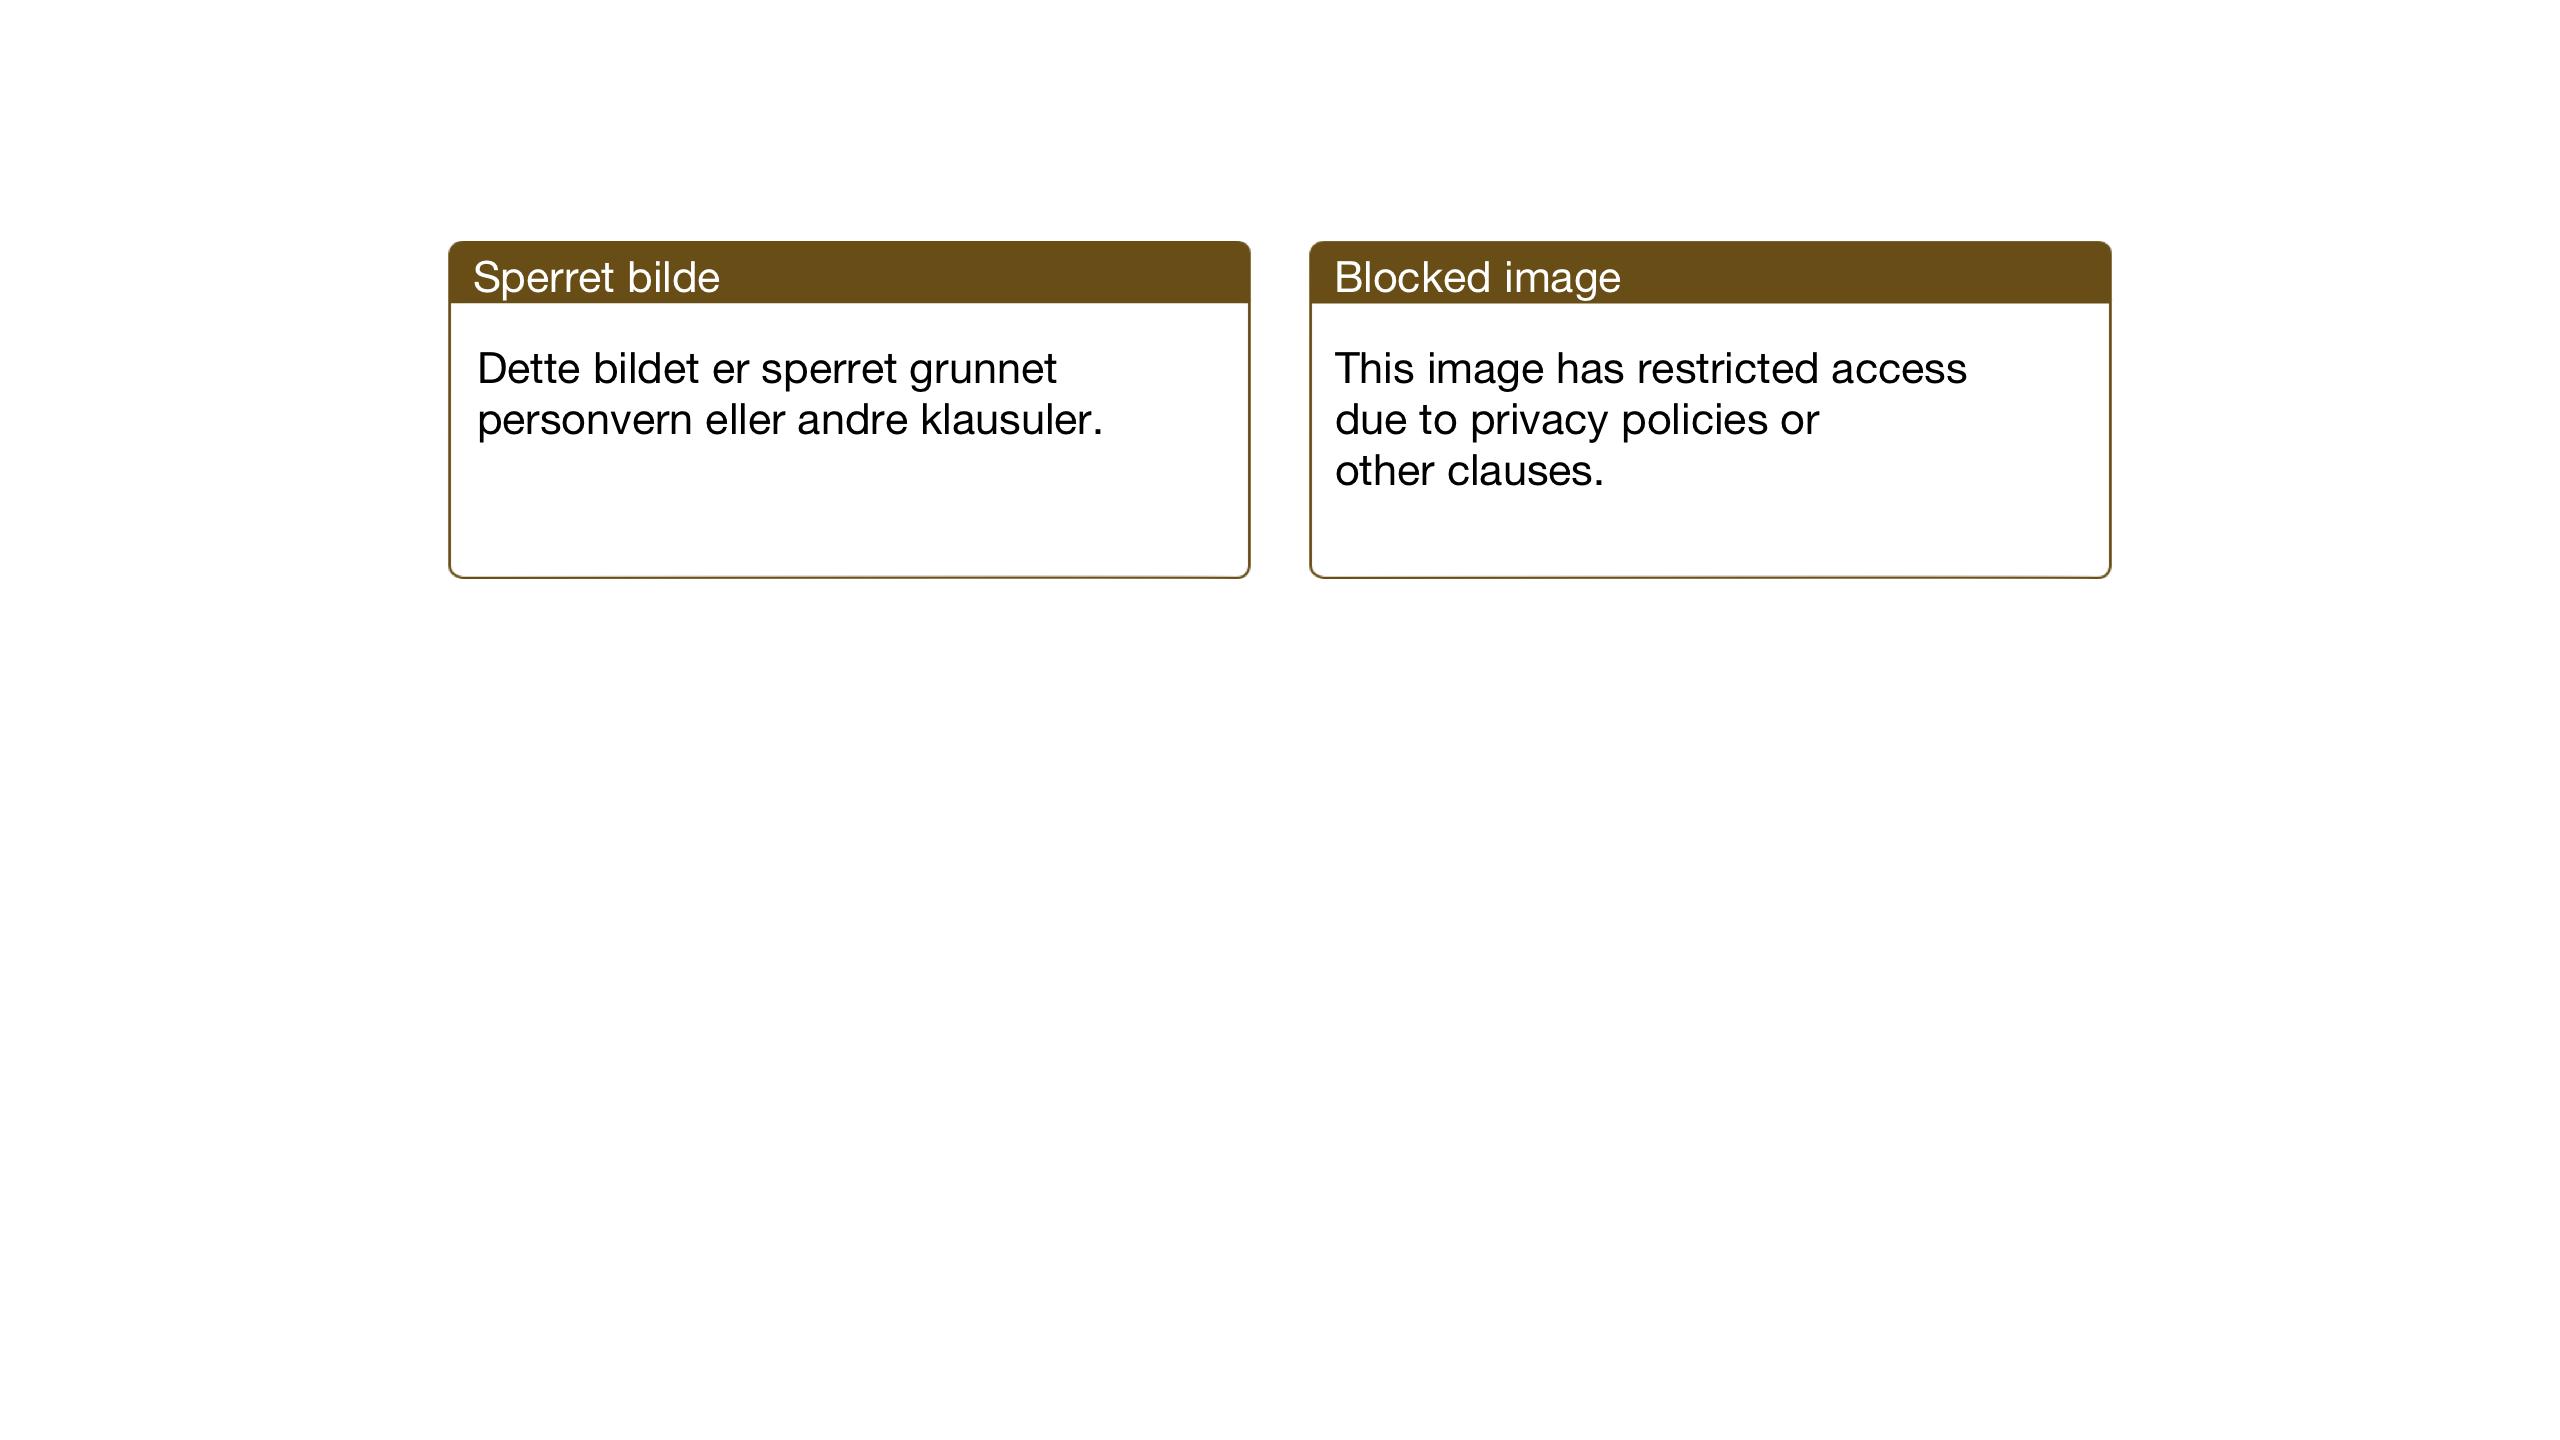 SAT, Ministerialprotokoller, klokkerbøker og fødselsregistre - Sør-Trøndelag, 682/L0947: Klokkerbok nr. 682C01, 1926-1968, s. 45